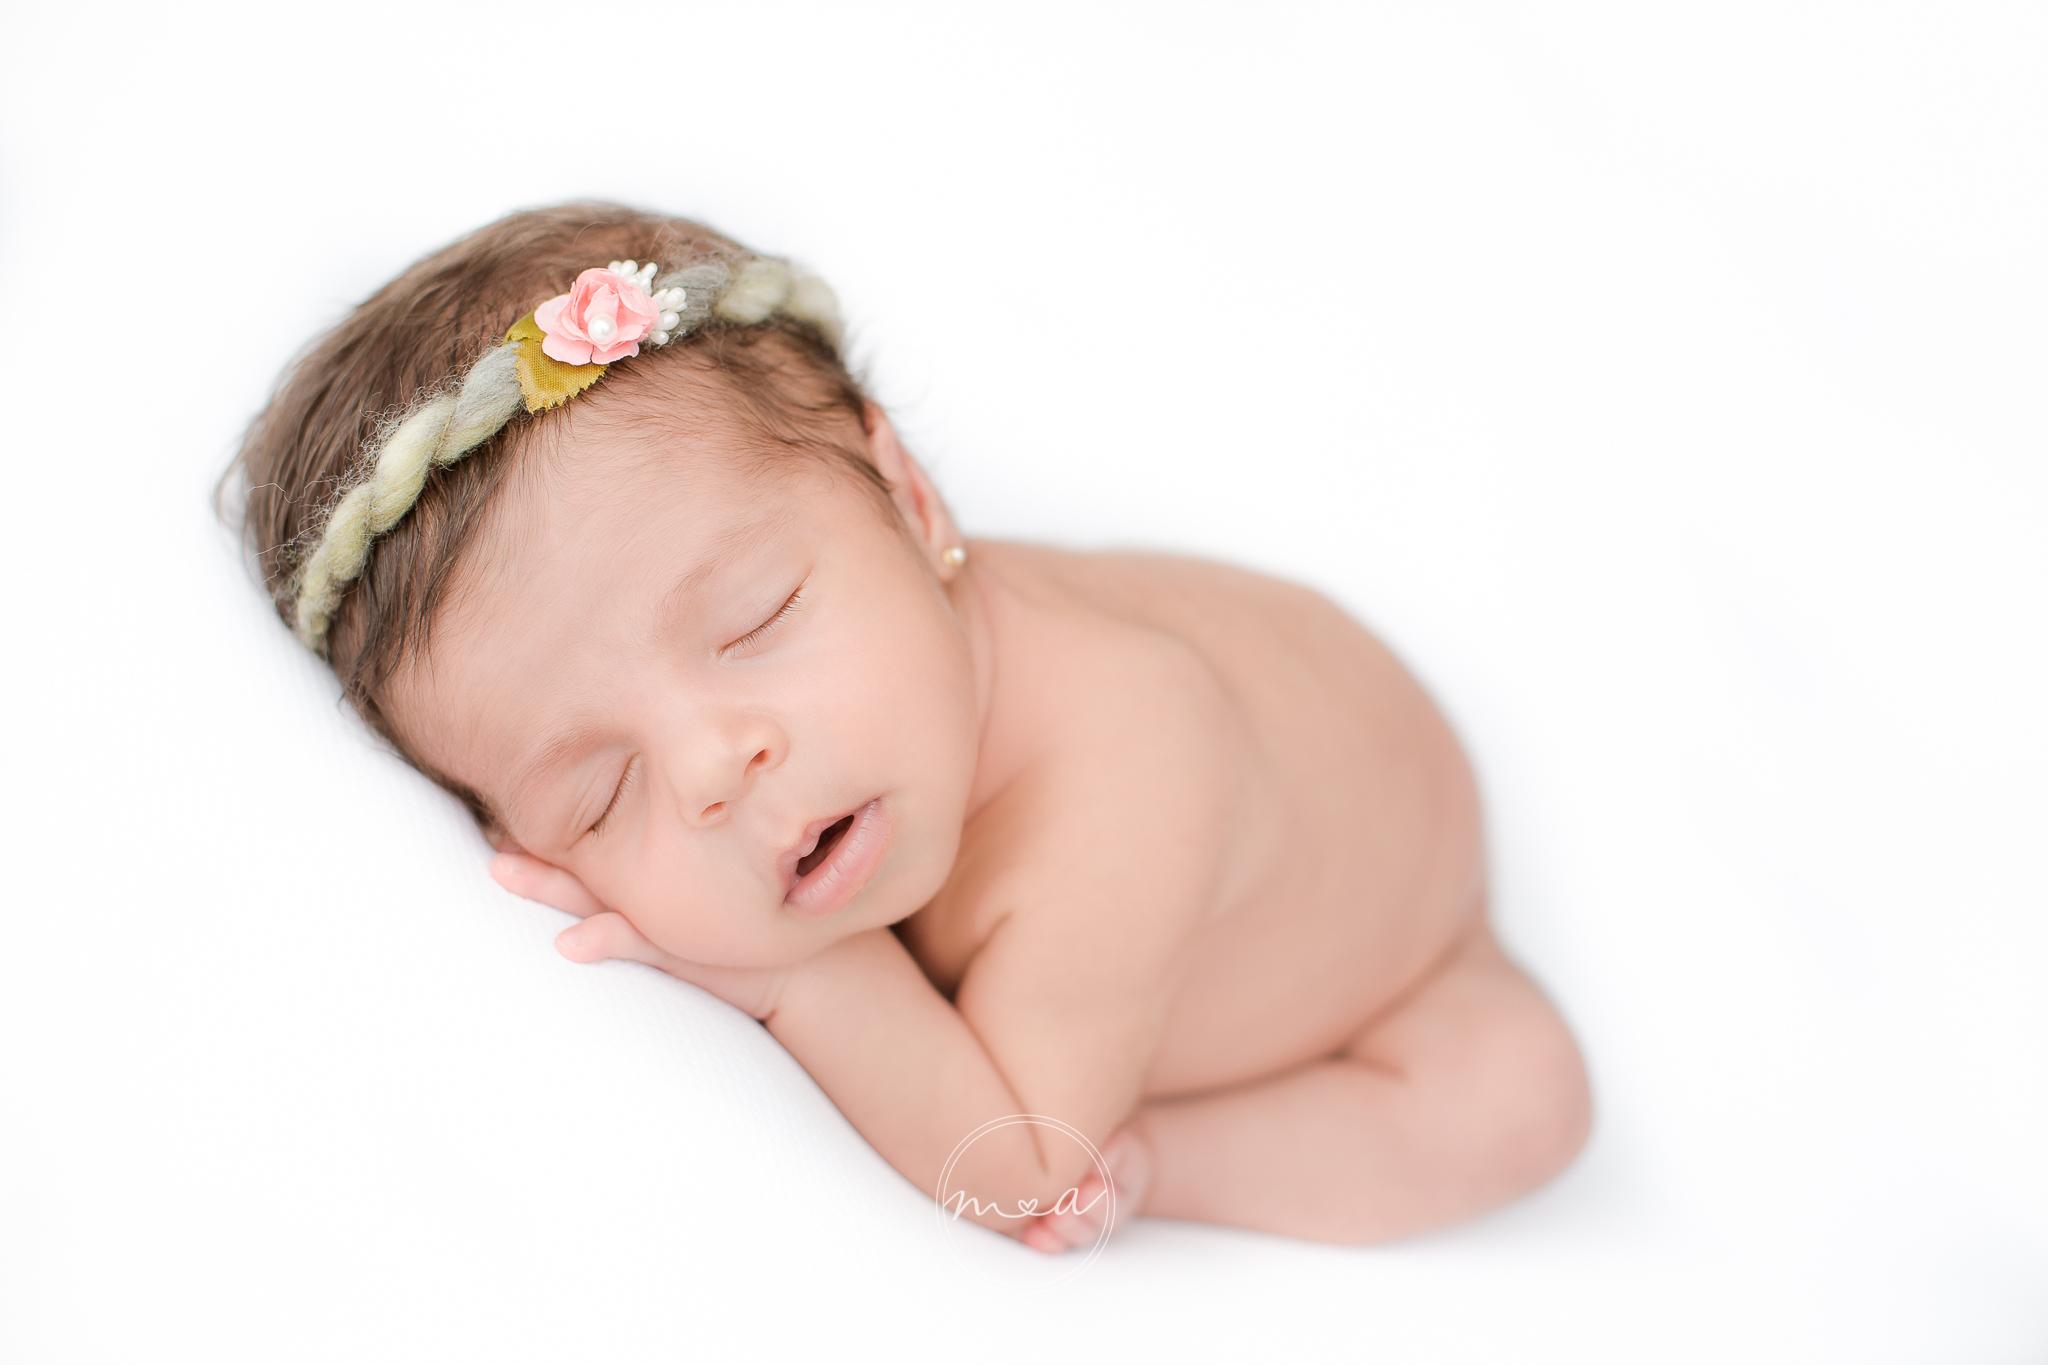 ensaioensaio newborn, foto recem nas